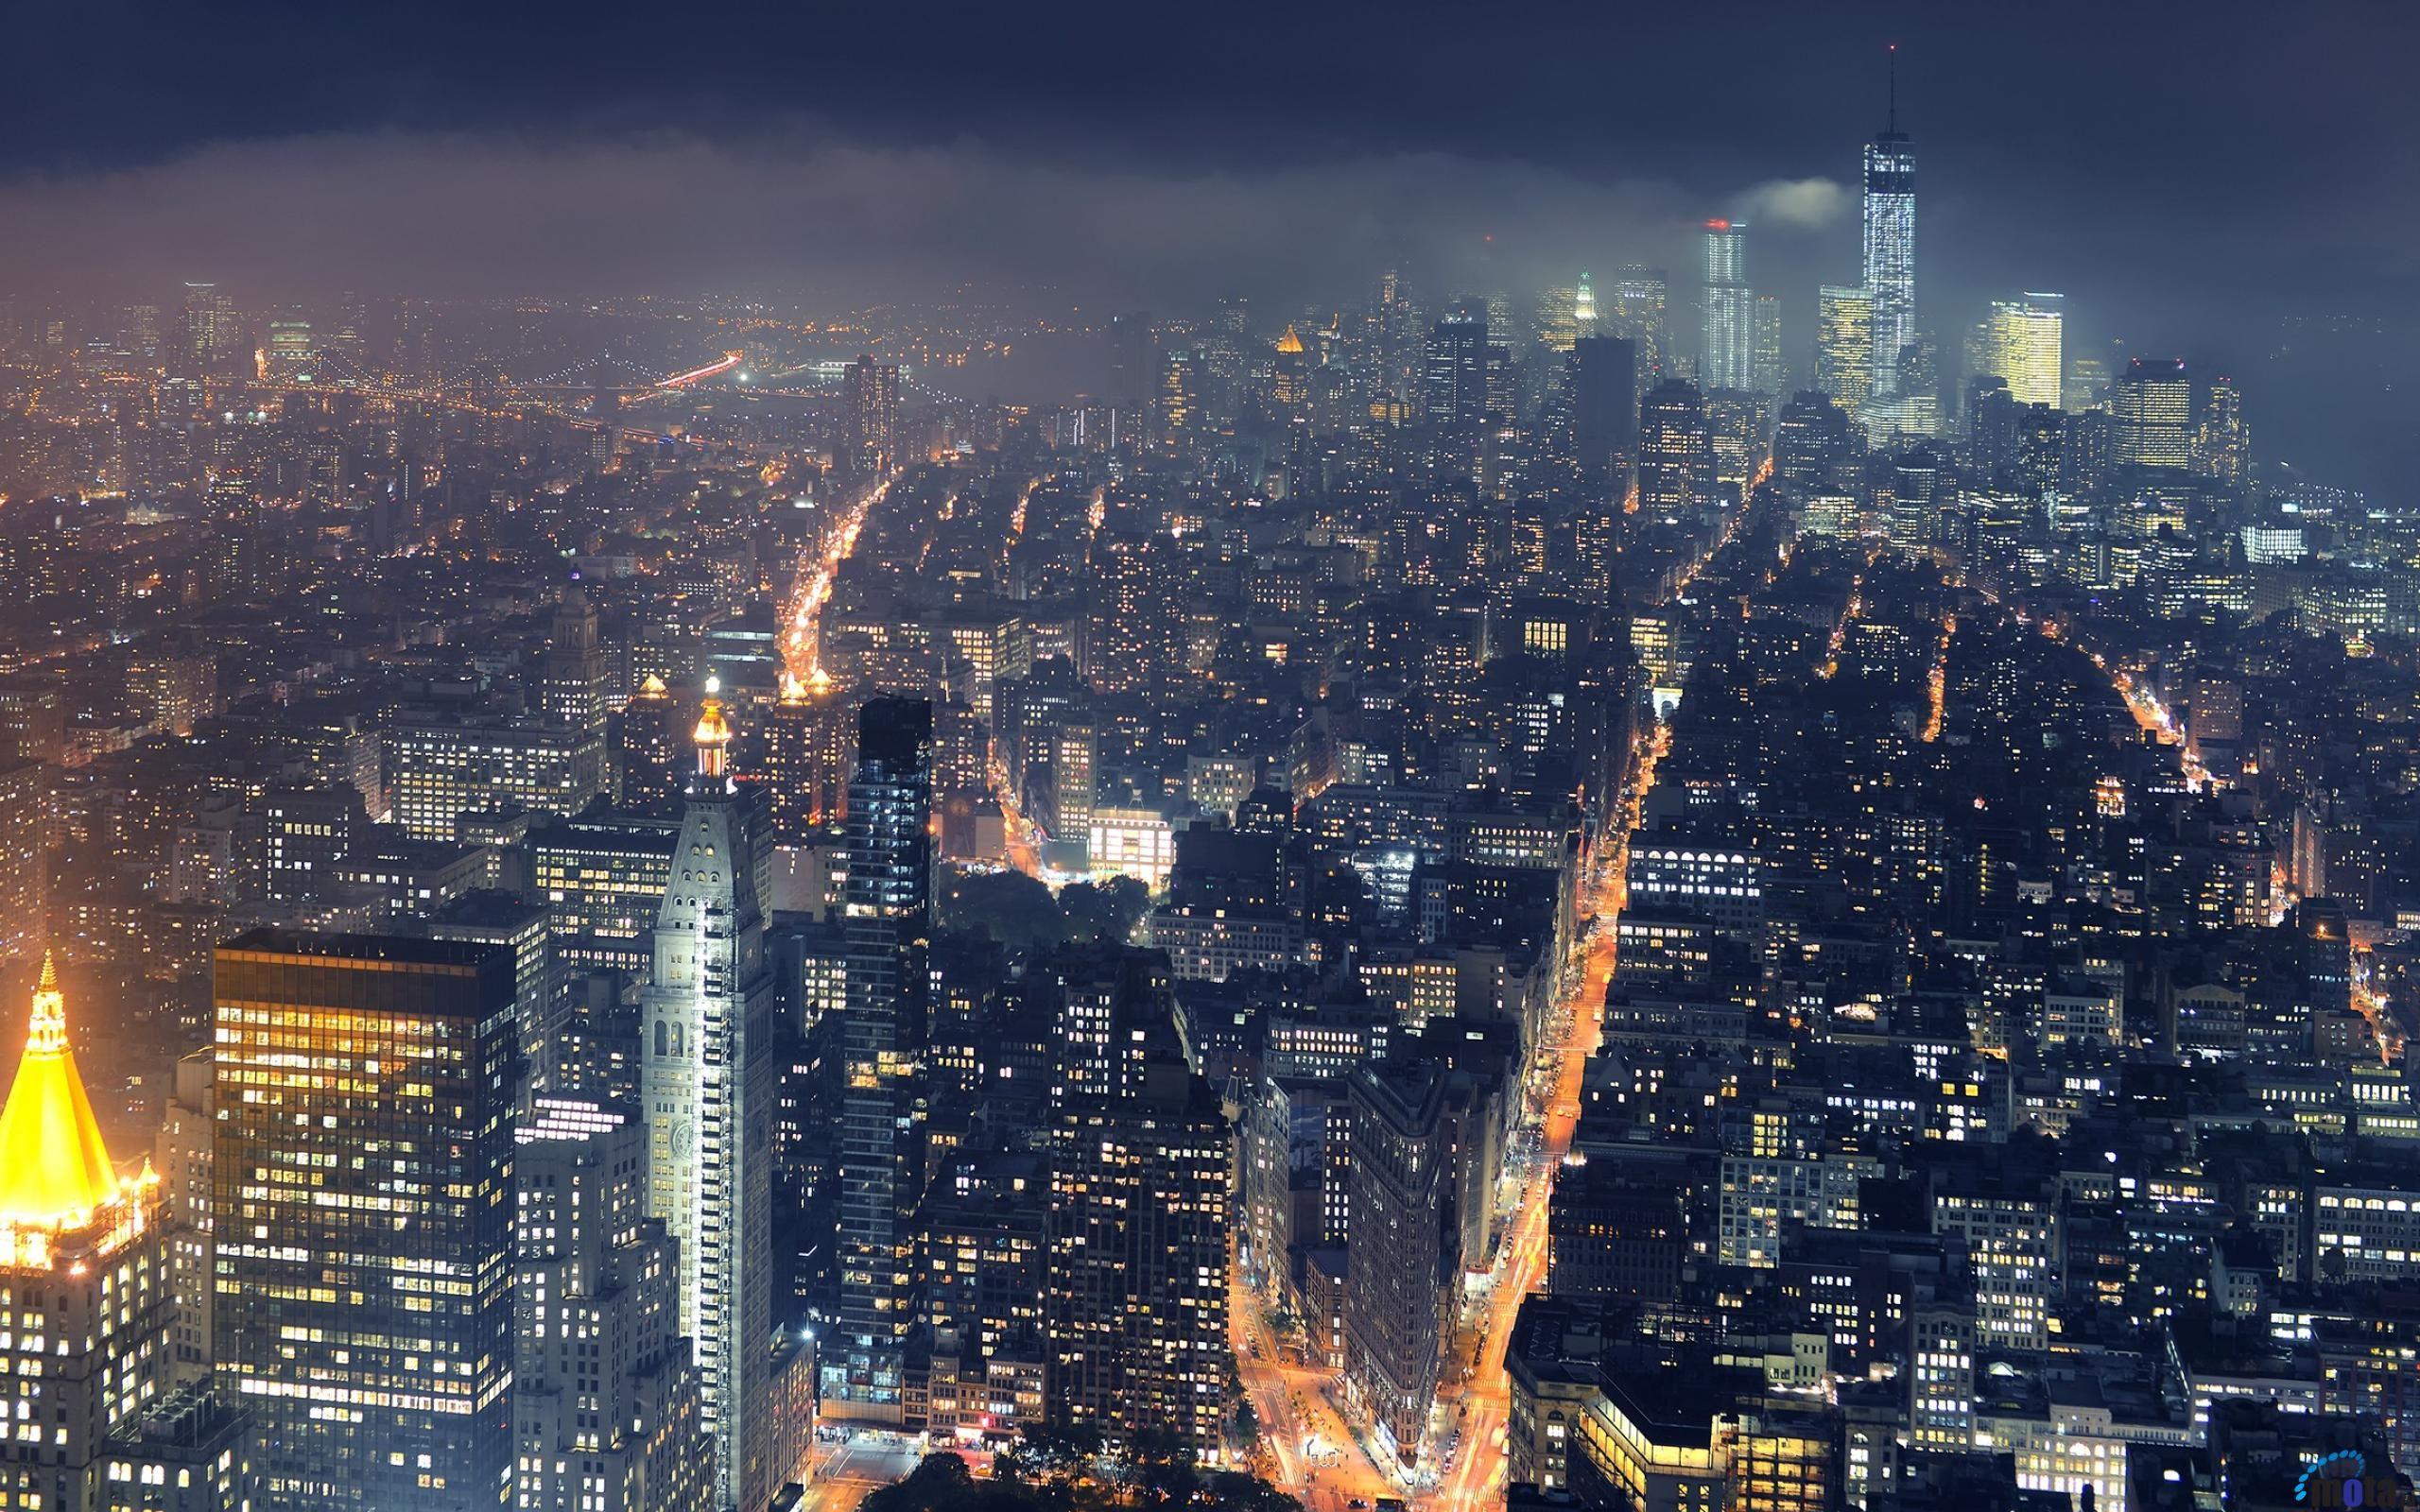 Обои фонари, вечерний город, ночной город. Города foto 15